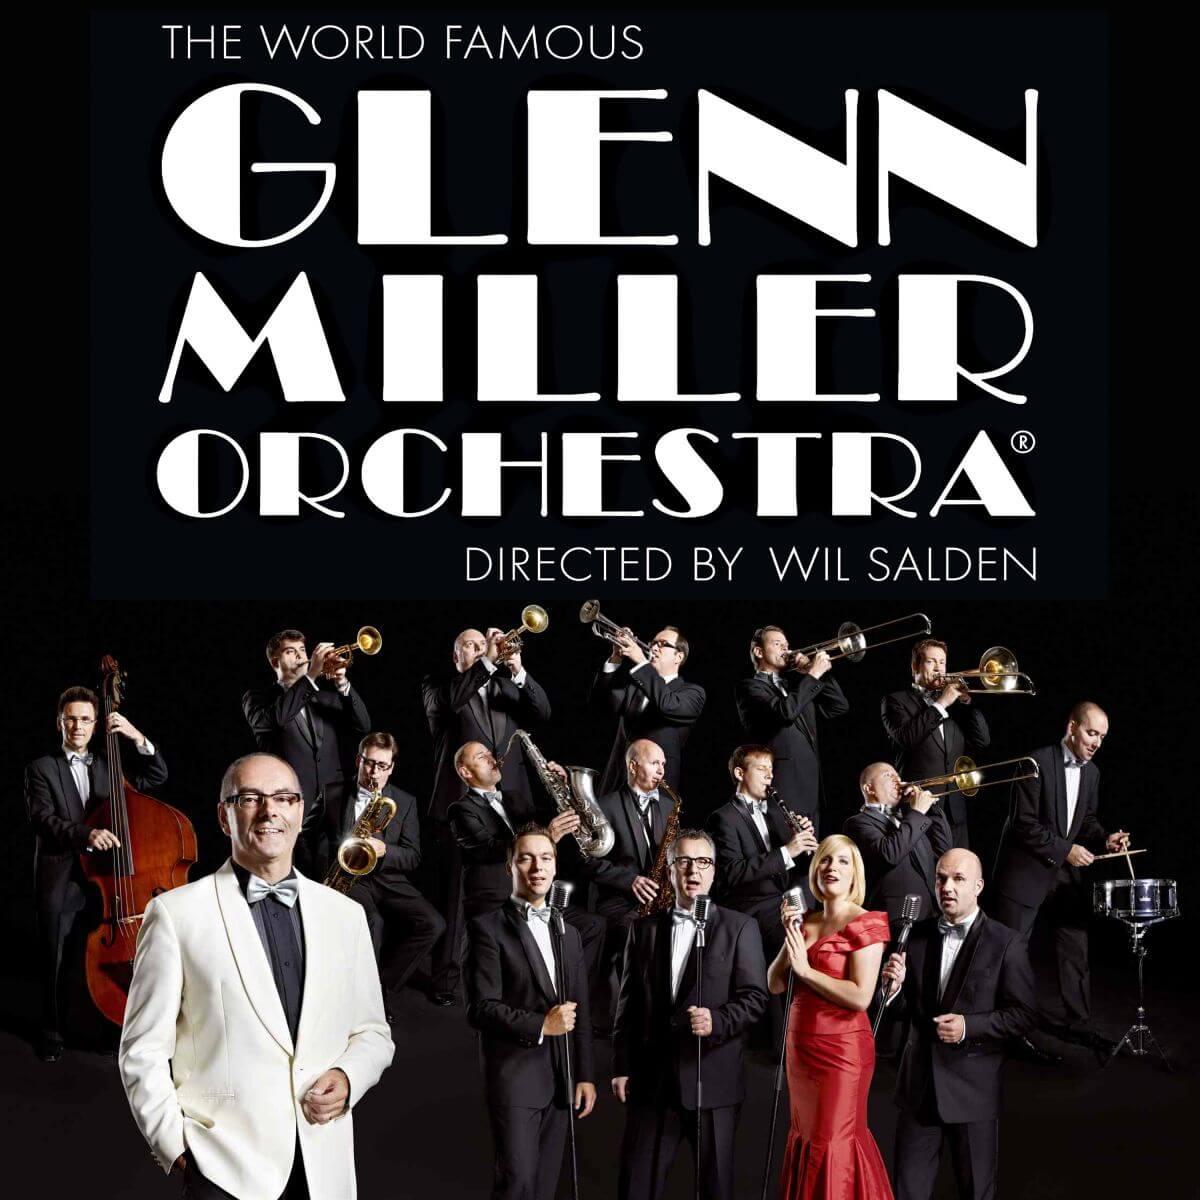 orkiestra Glenna Millera koncert Warszawa